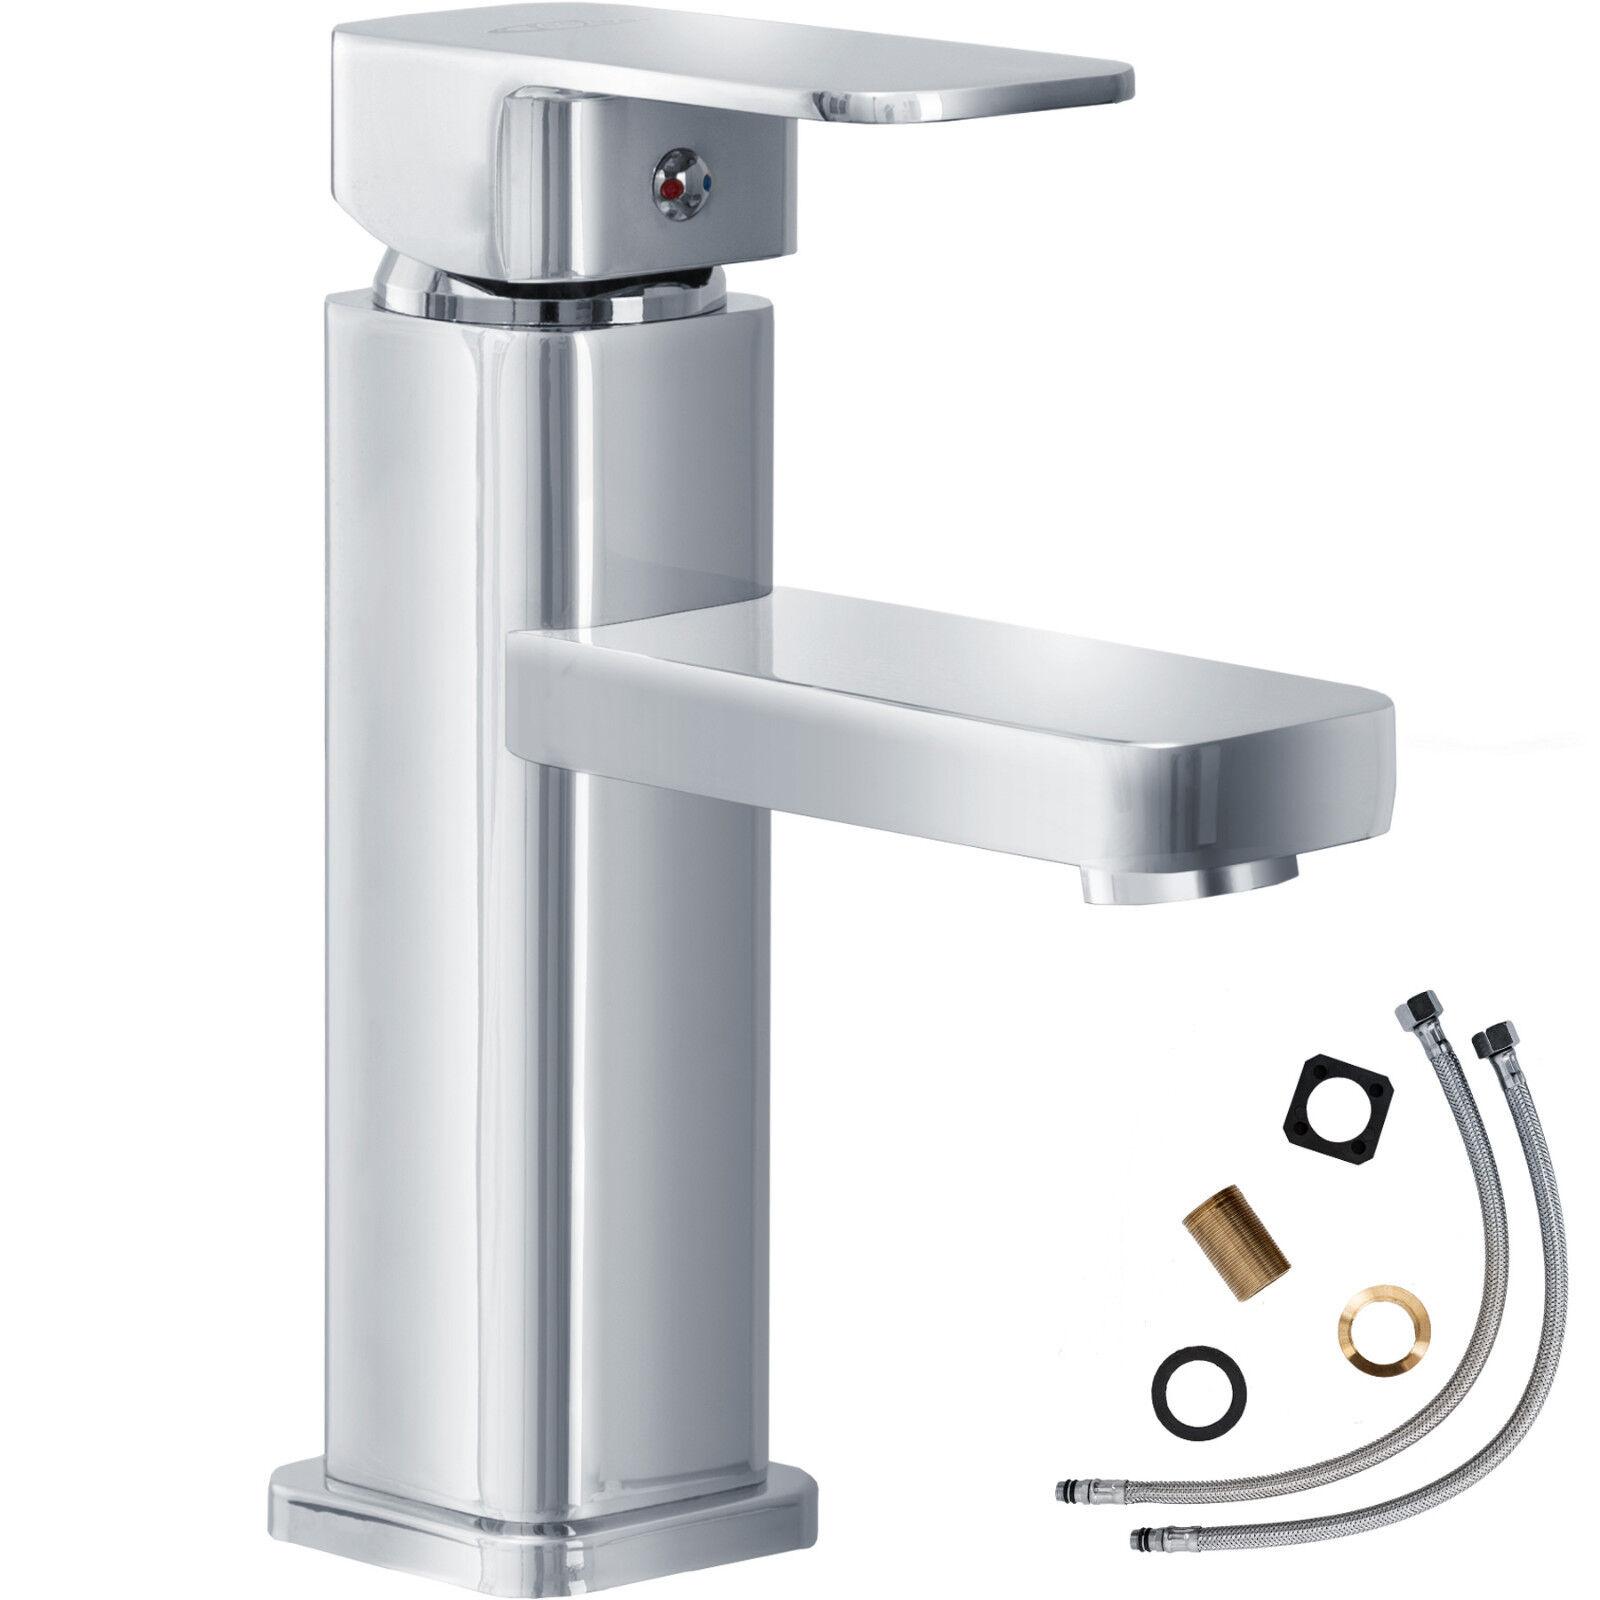 Rubinetto monocomando miscelatore rubinetteria lavabo bagno piazza piazza piazza cromata  nuov b9a056